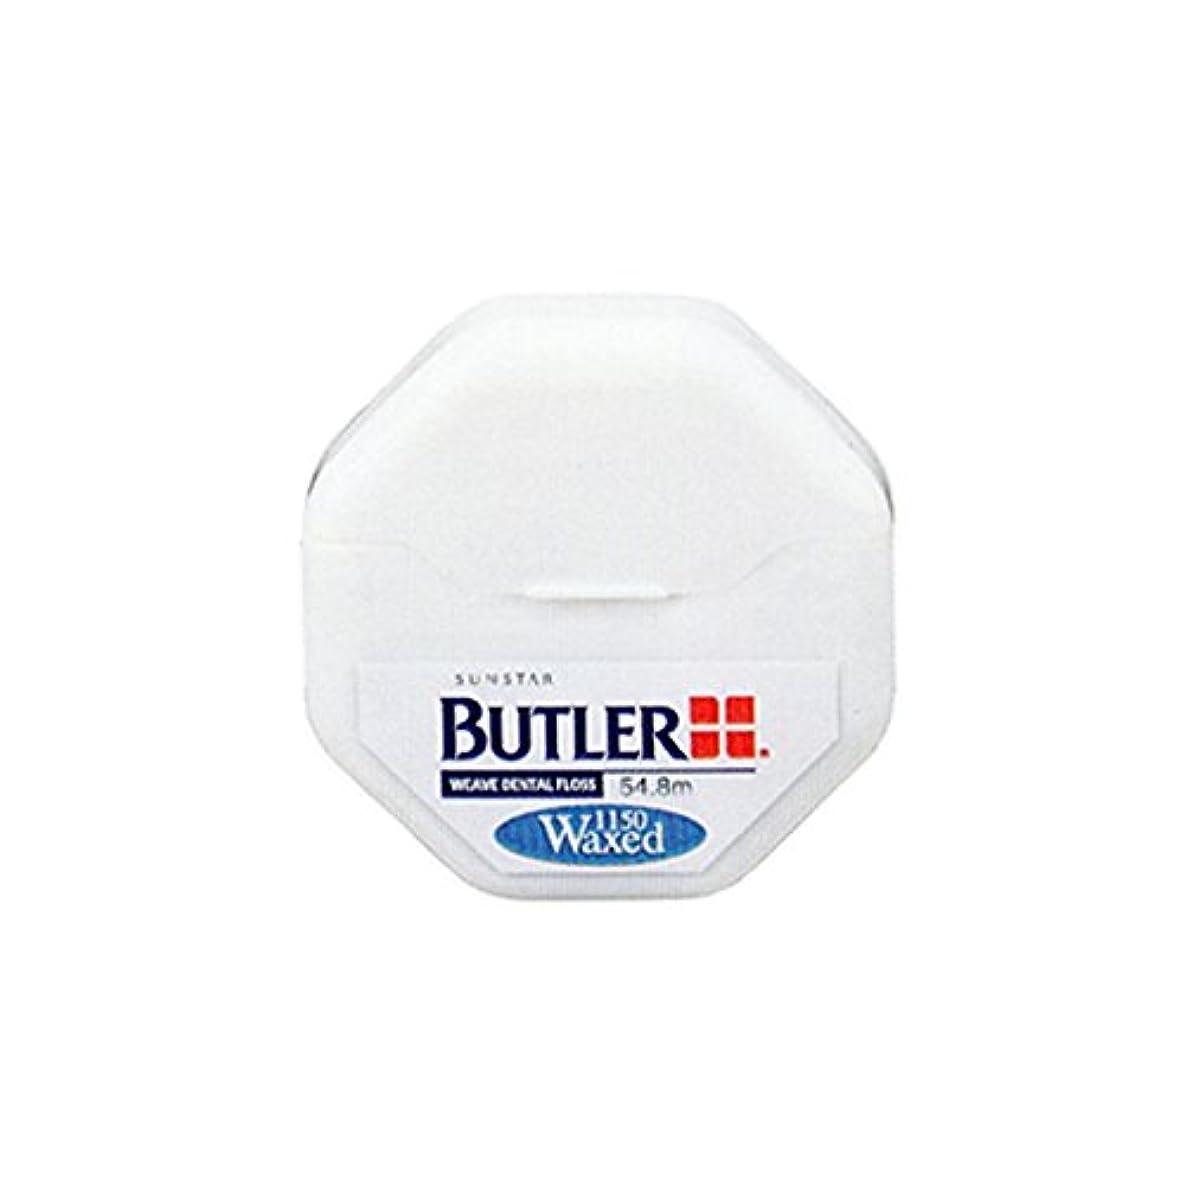 BUTLER(バトラー) デンタルフロス ウィーブタイプ #1150PJワックス 1個